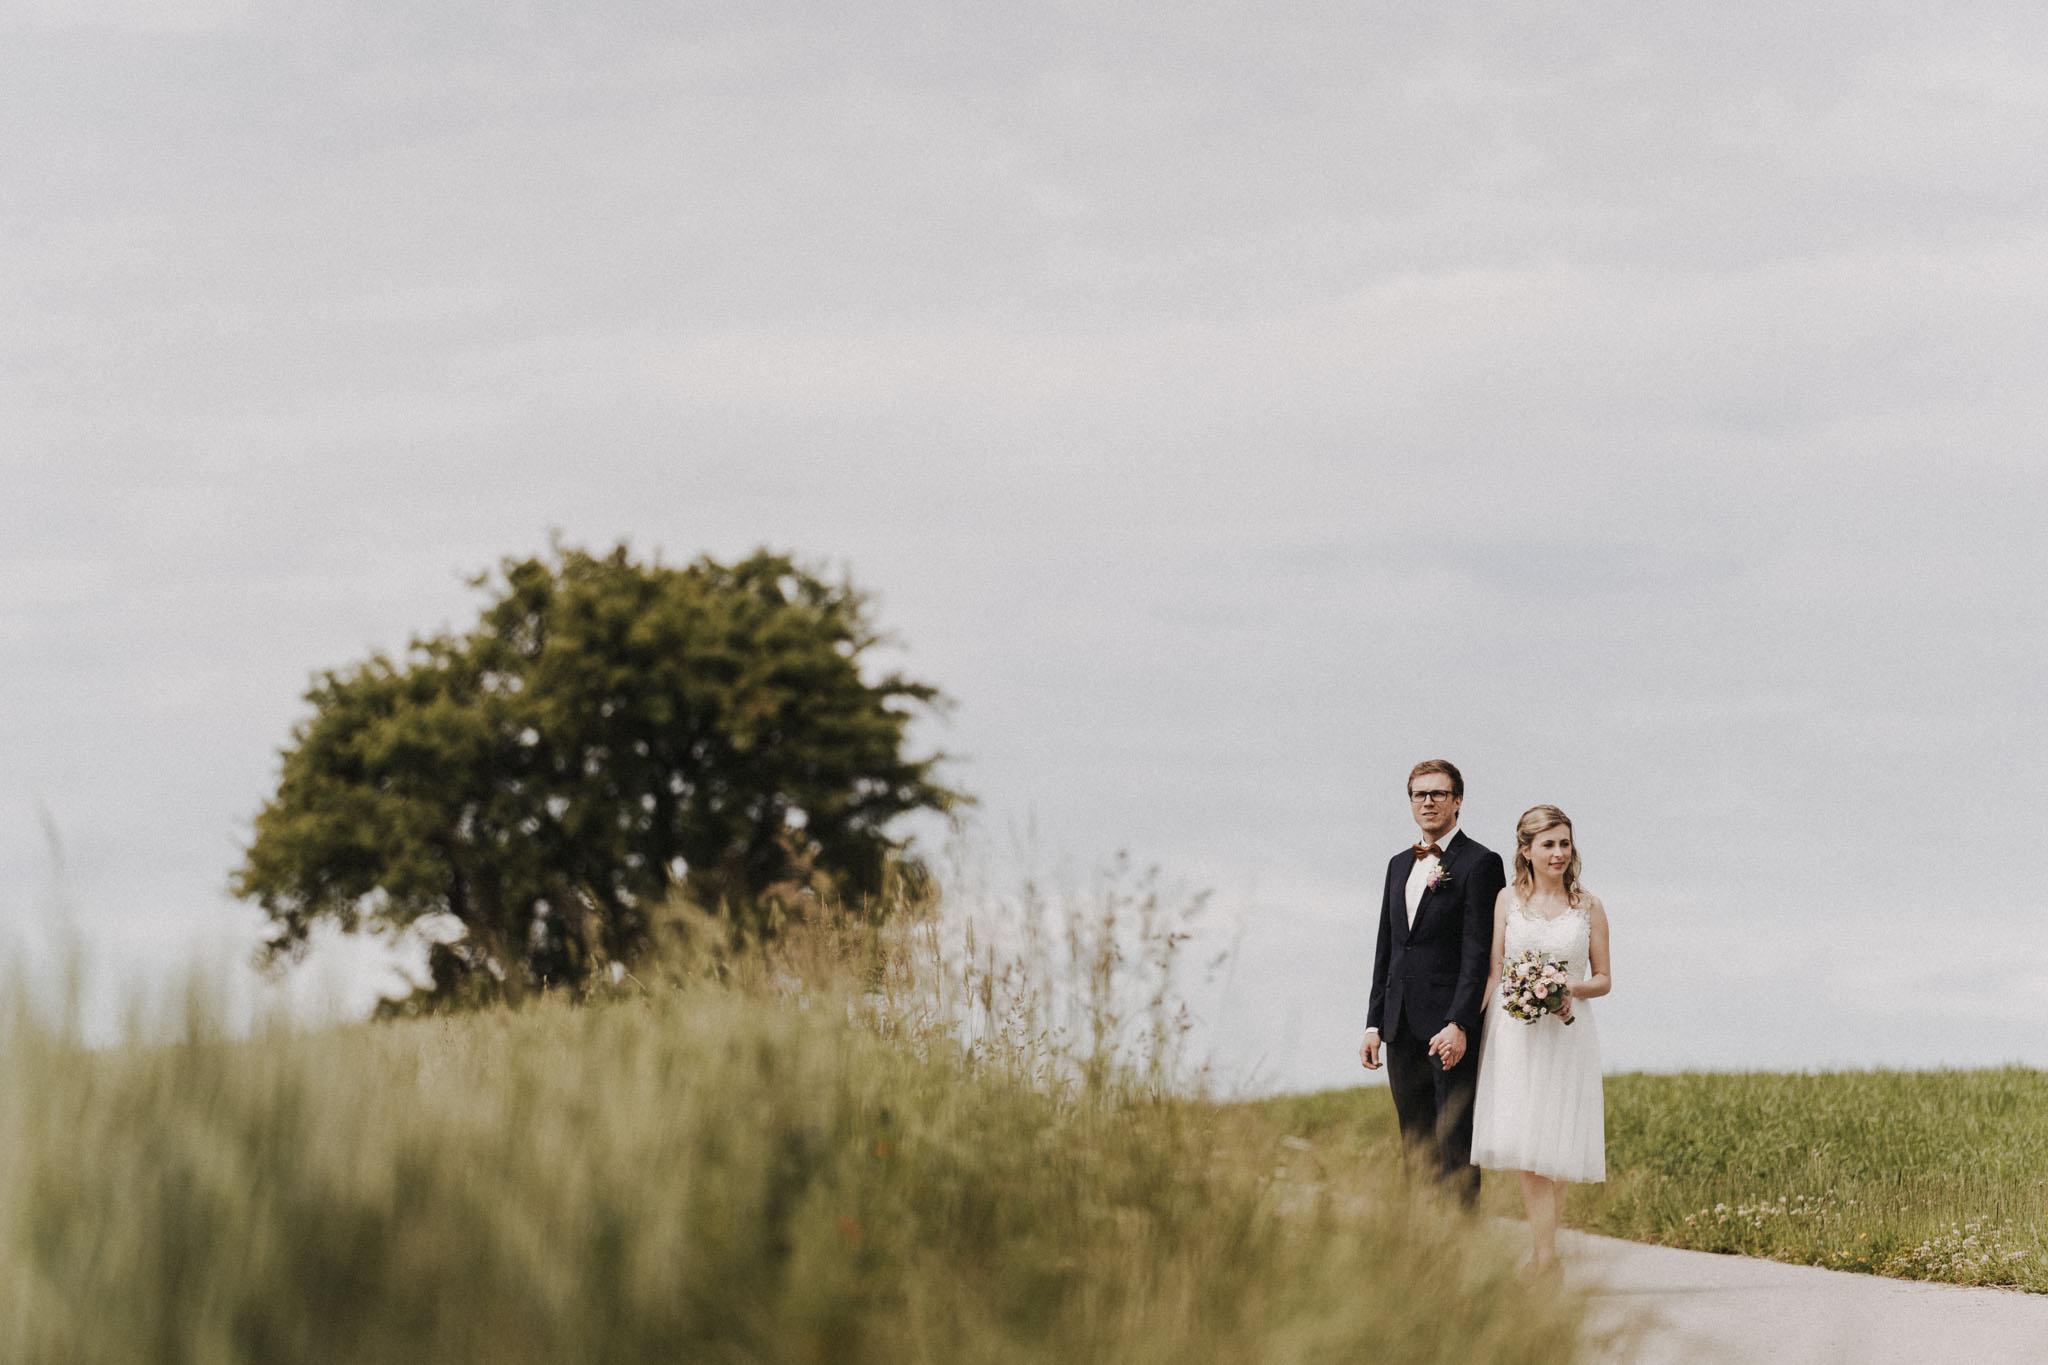 Brautpaar Shooting in Oberösterreich von Christian Biemann, Hochzeitsfotograf